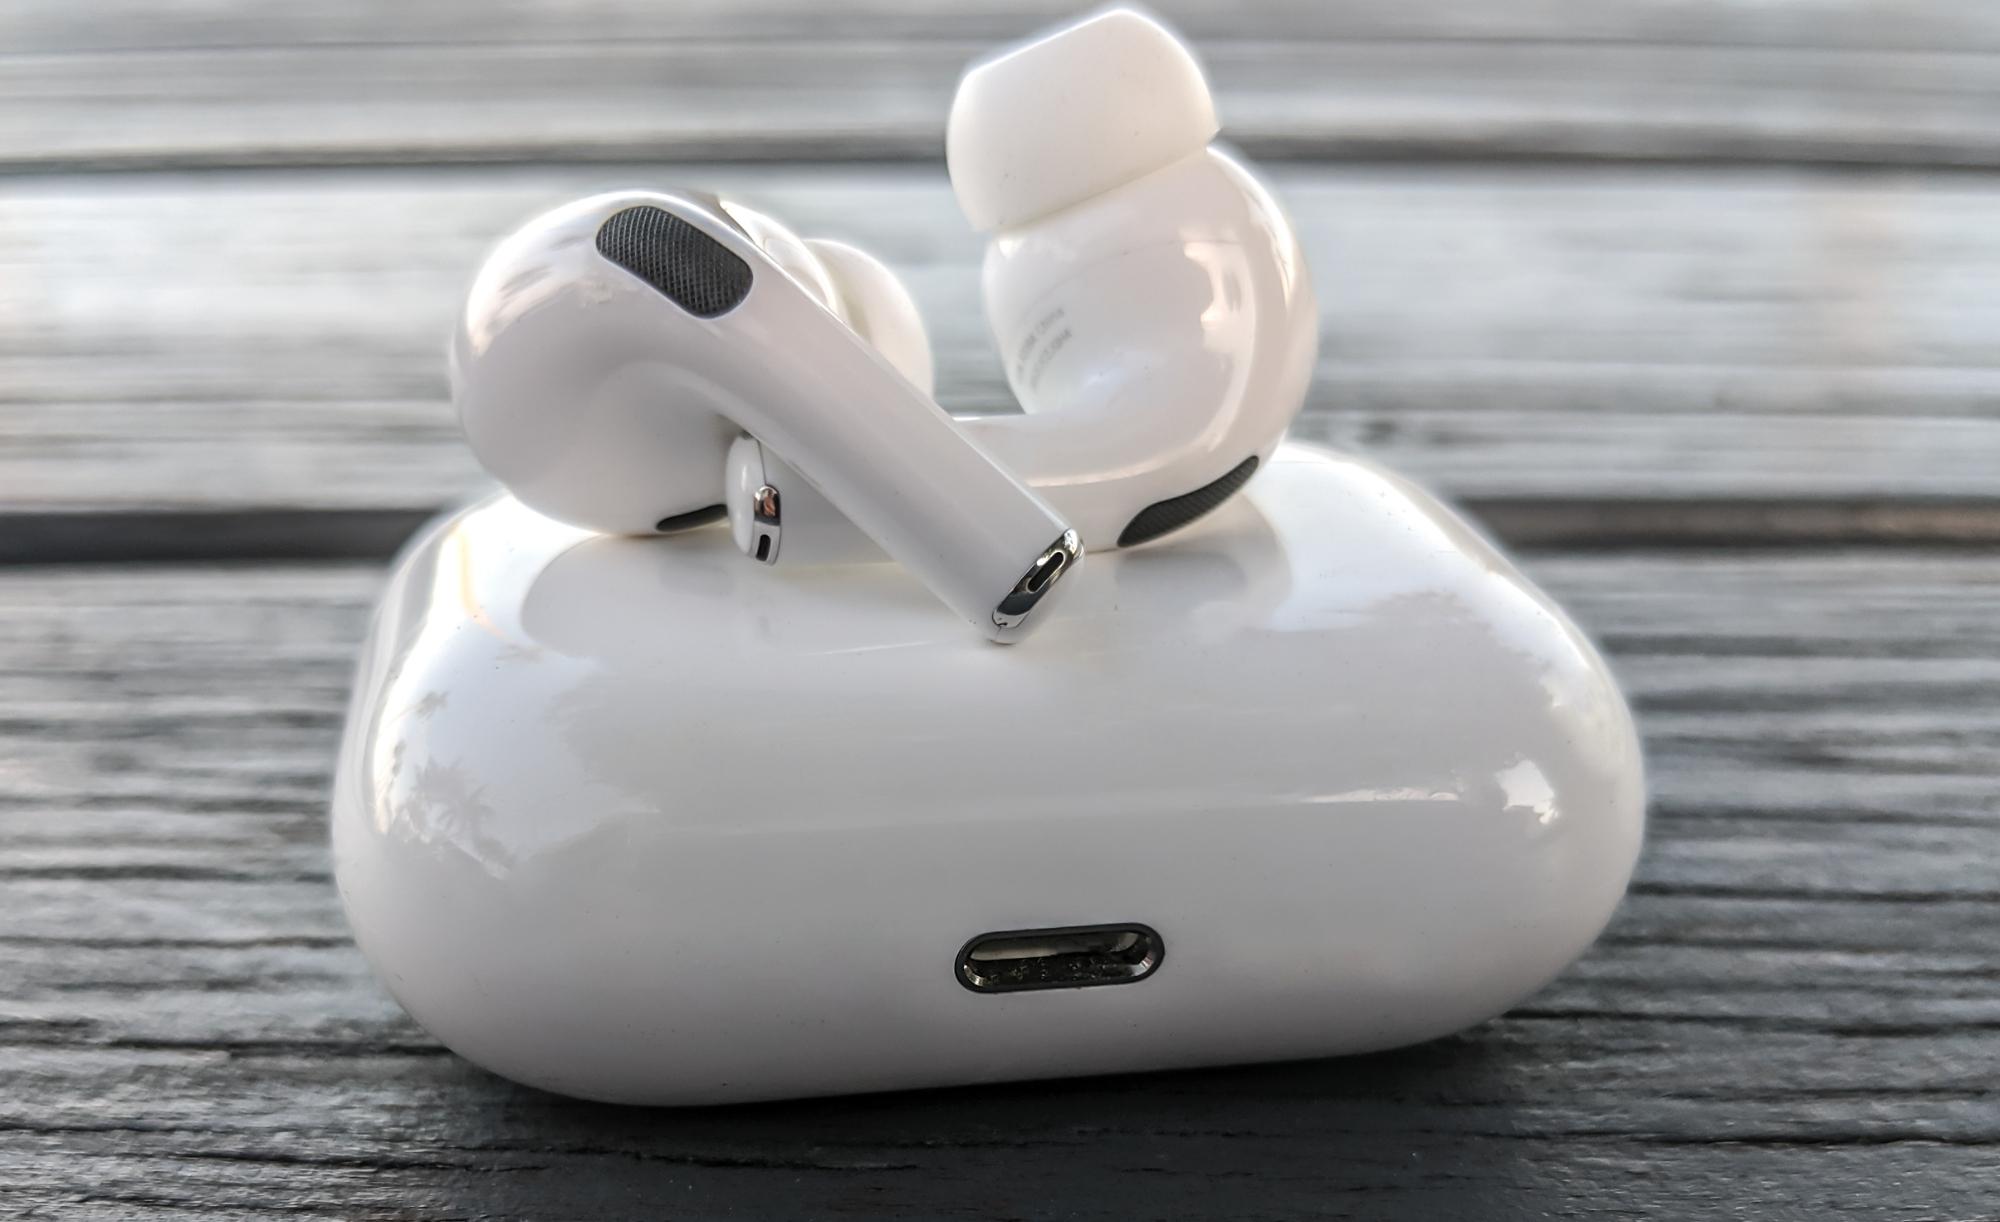 Слух: AirPods 3 получат функцию Spatial Audio, как в AirPods Pro и будут стоить около $150